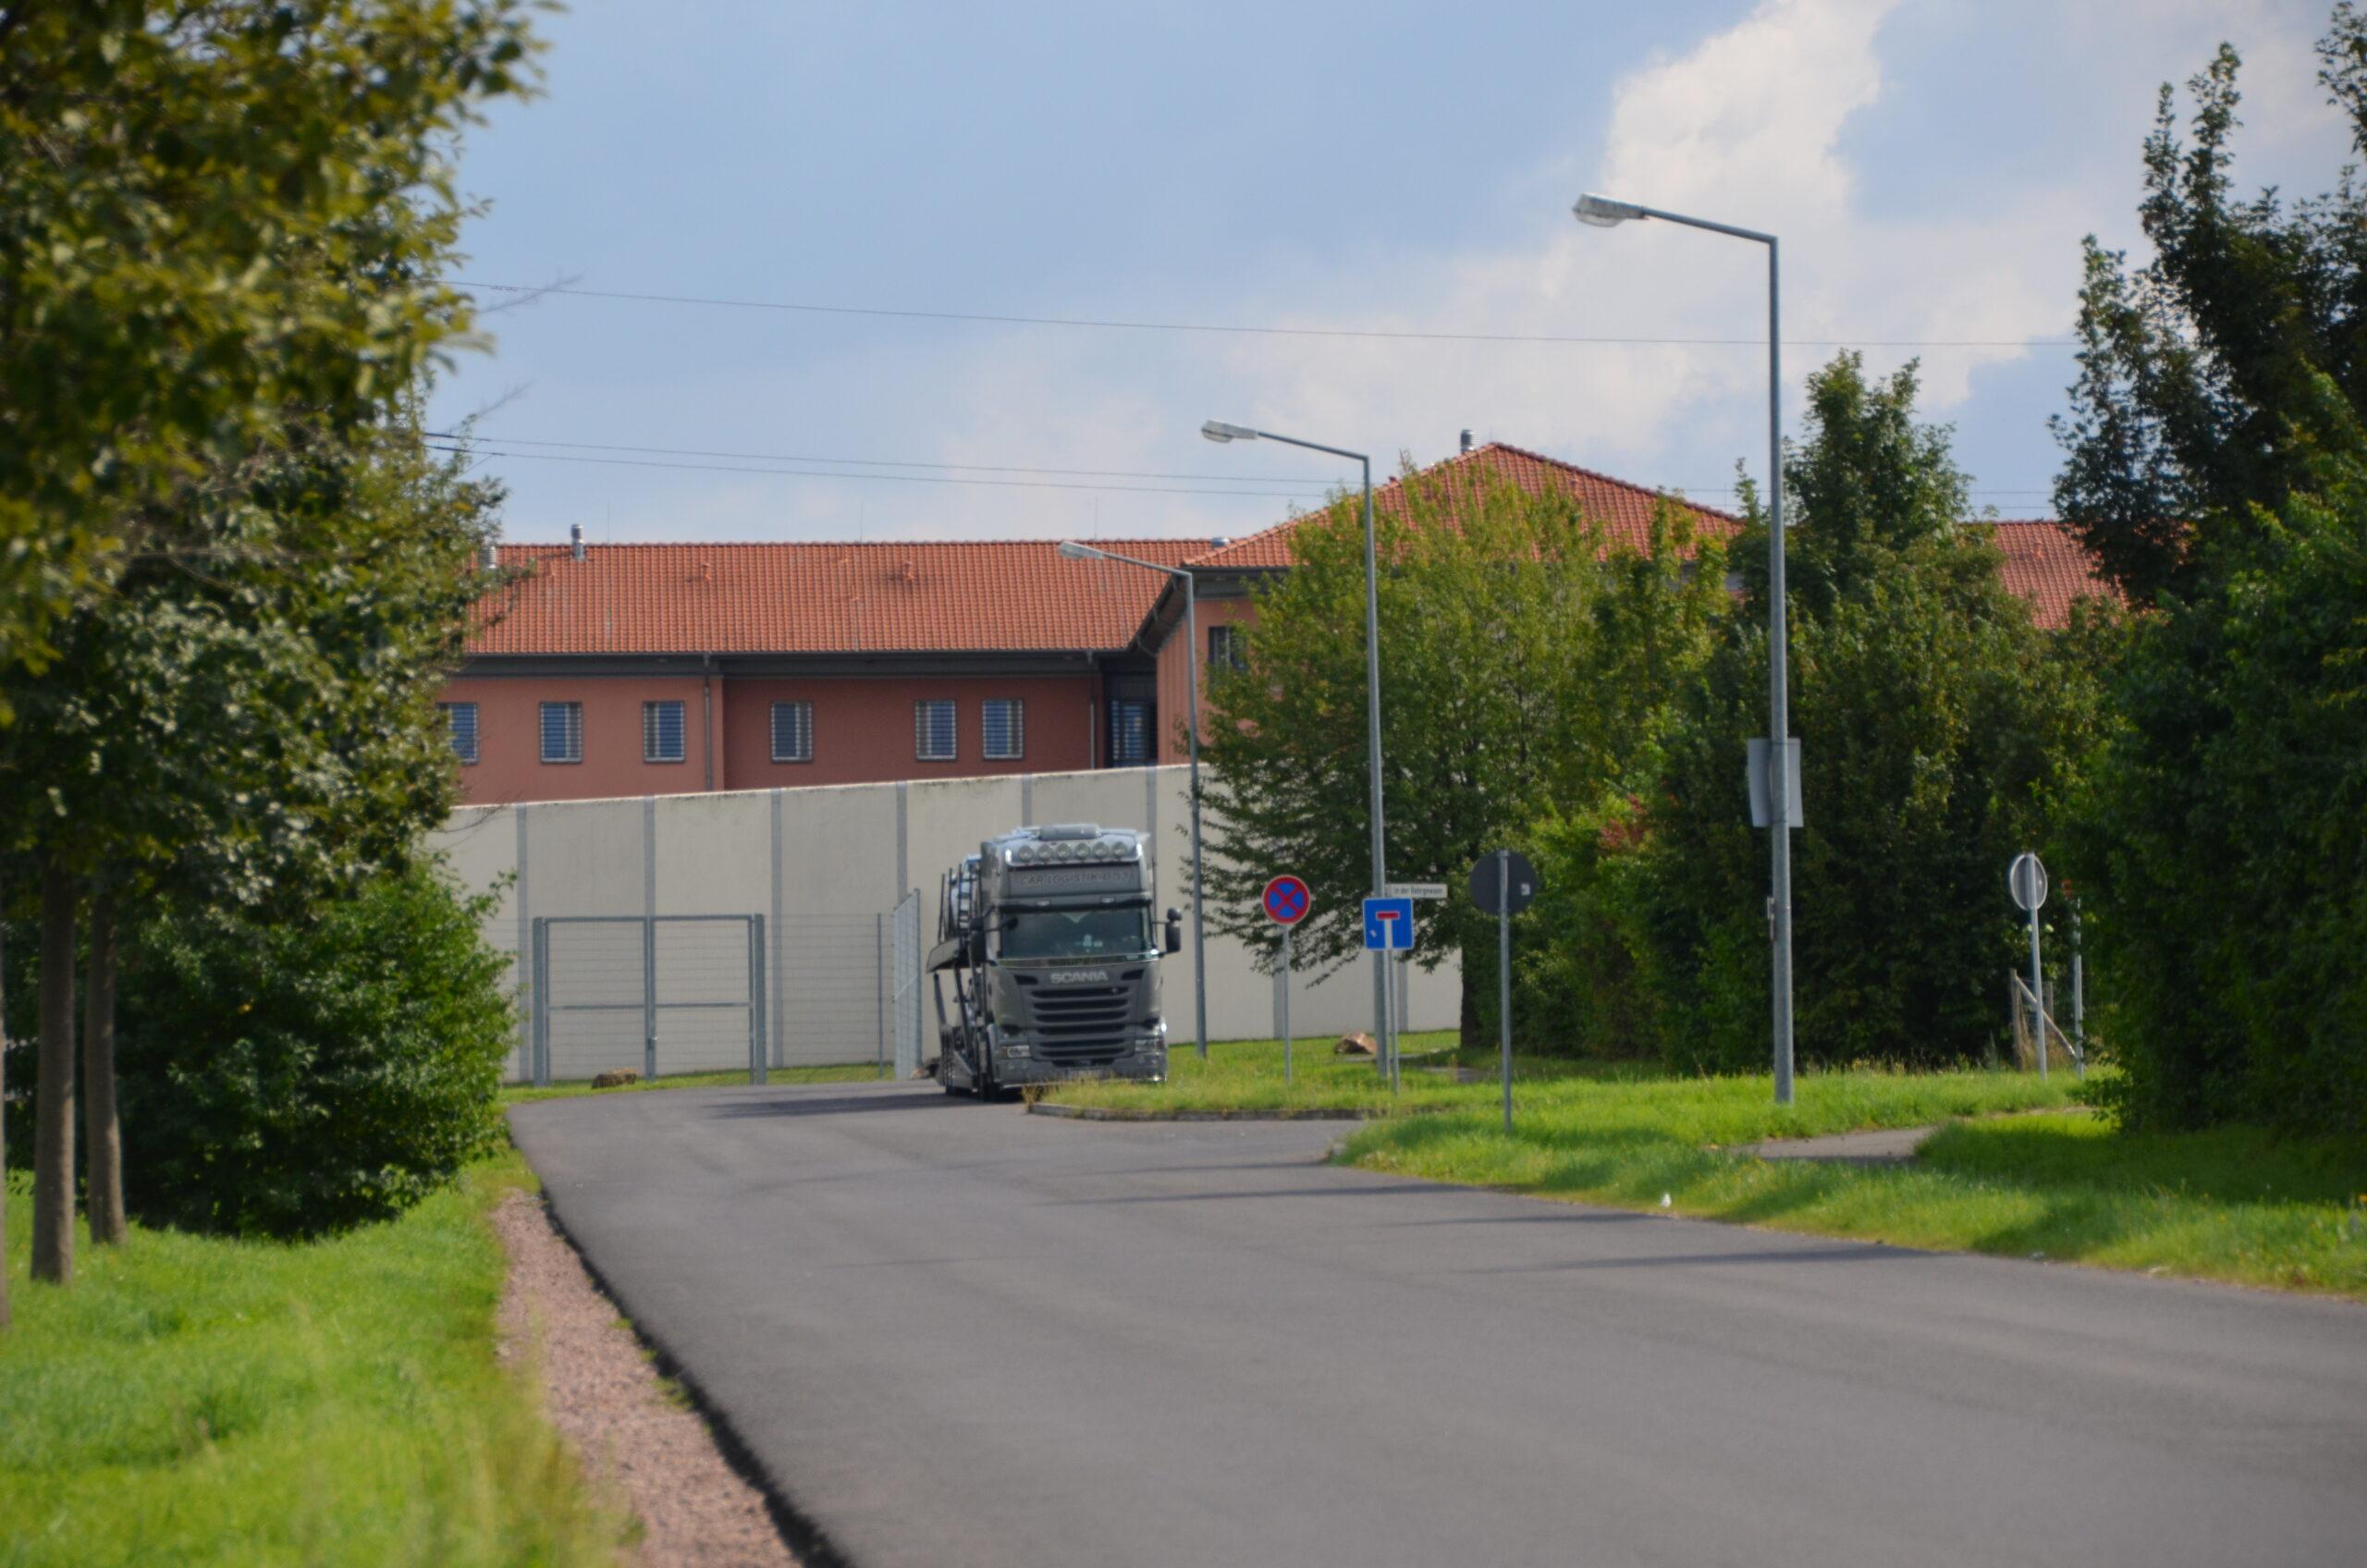 Ansicht der JVA Rohrbach (Zufahrt) - Justizvollzugsanstalt.org